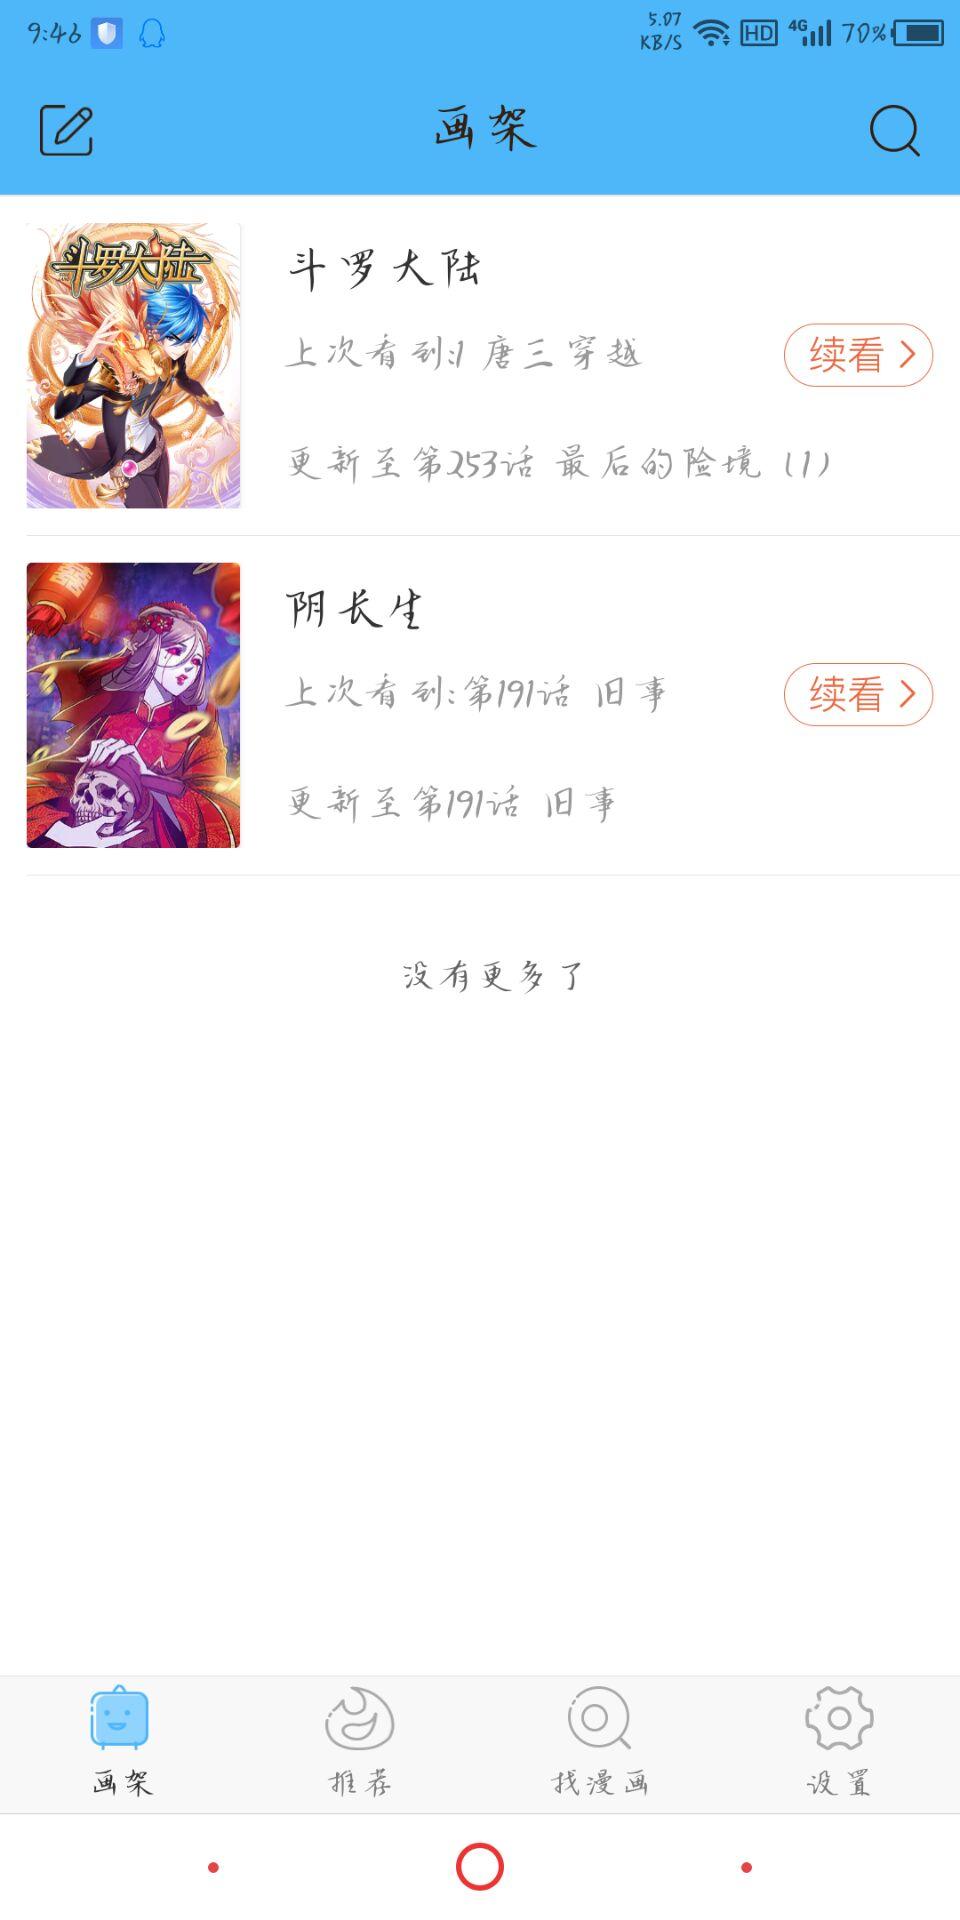 【分享】扑飞动漫3.3.0